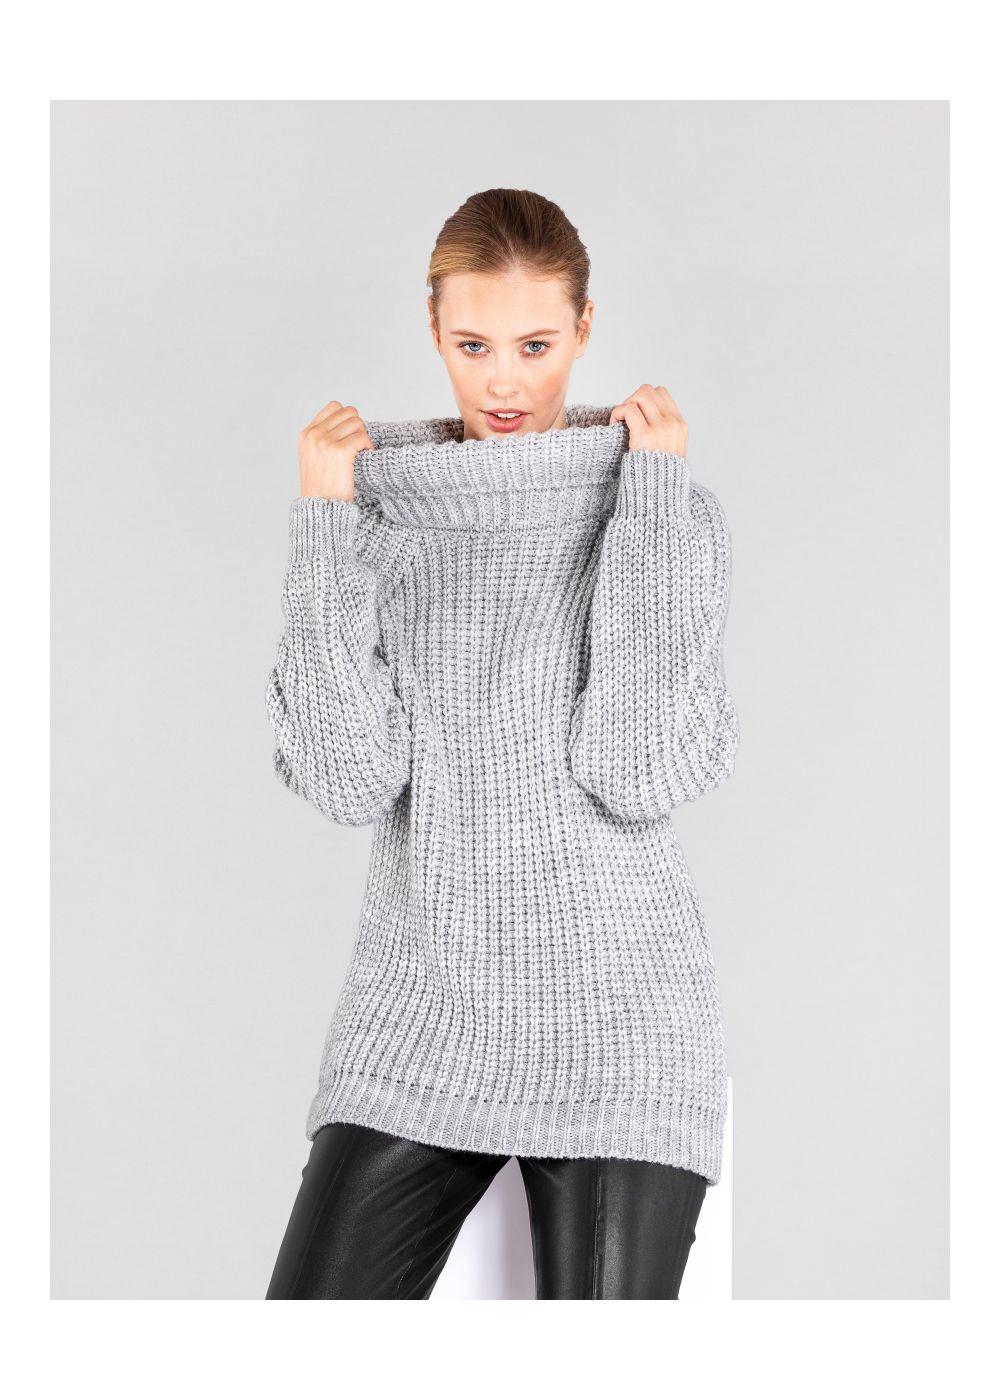 Sweter damski SWEDT-0143-91(Z20)